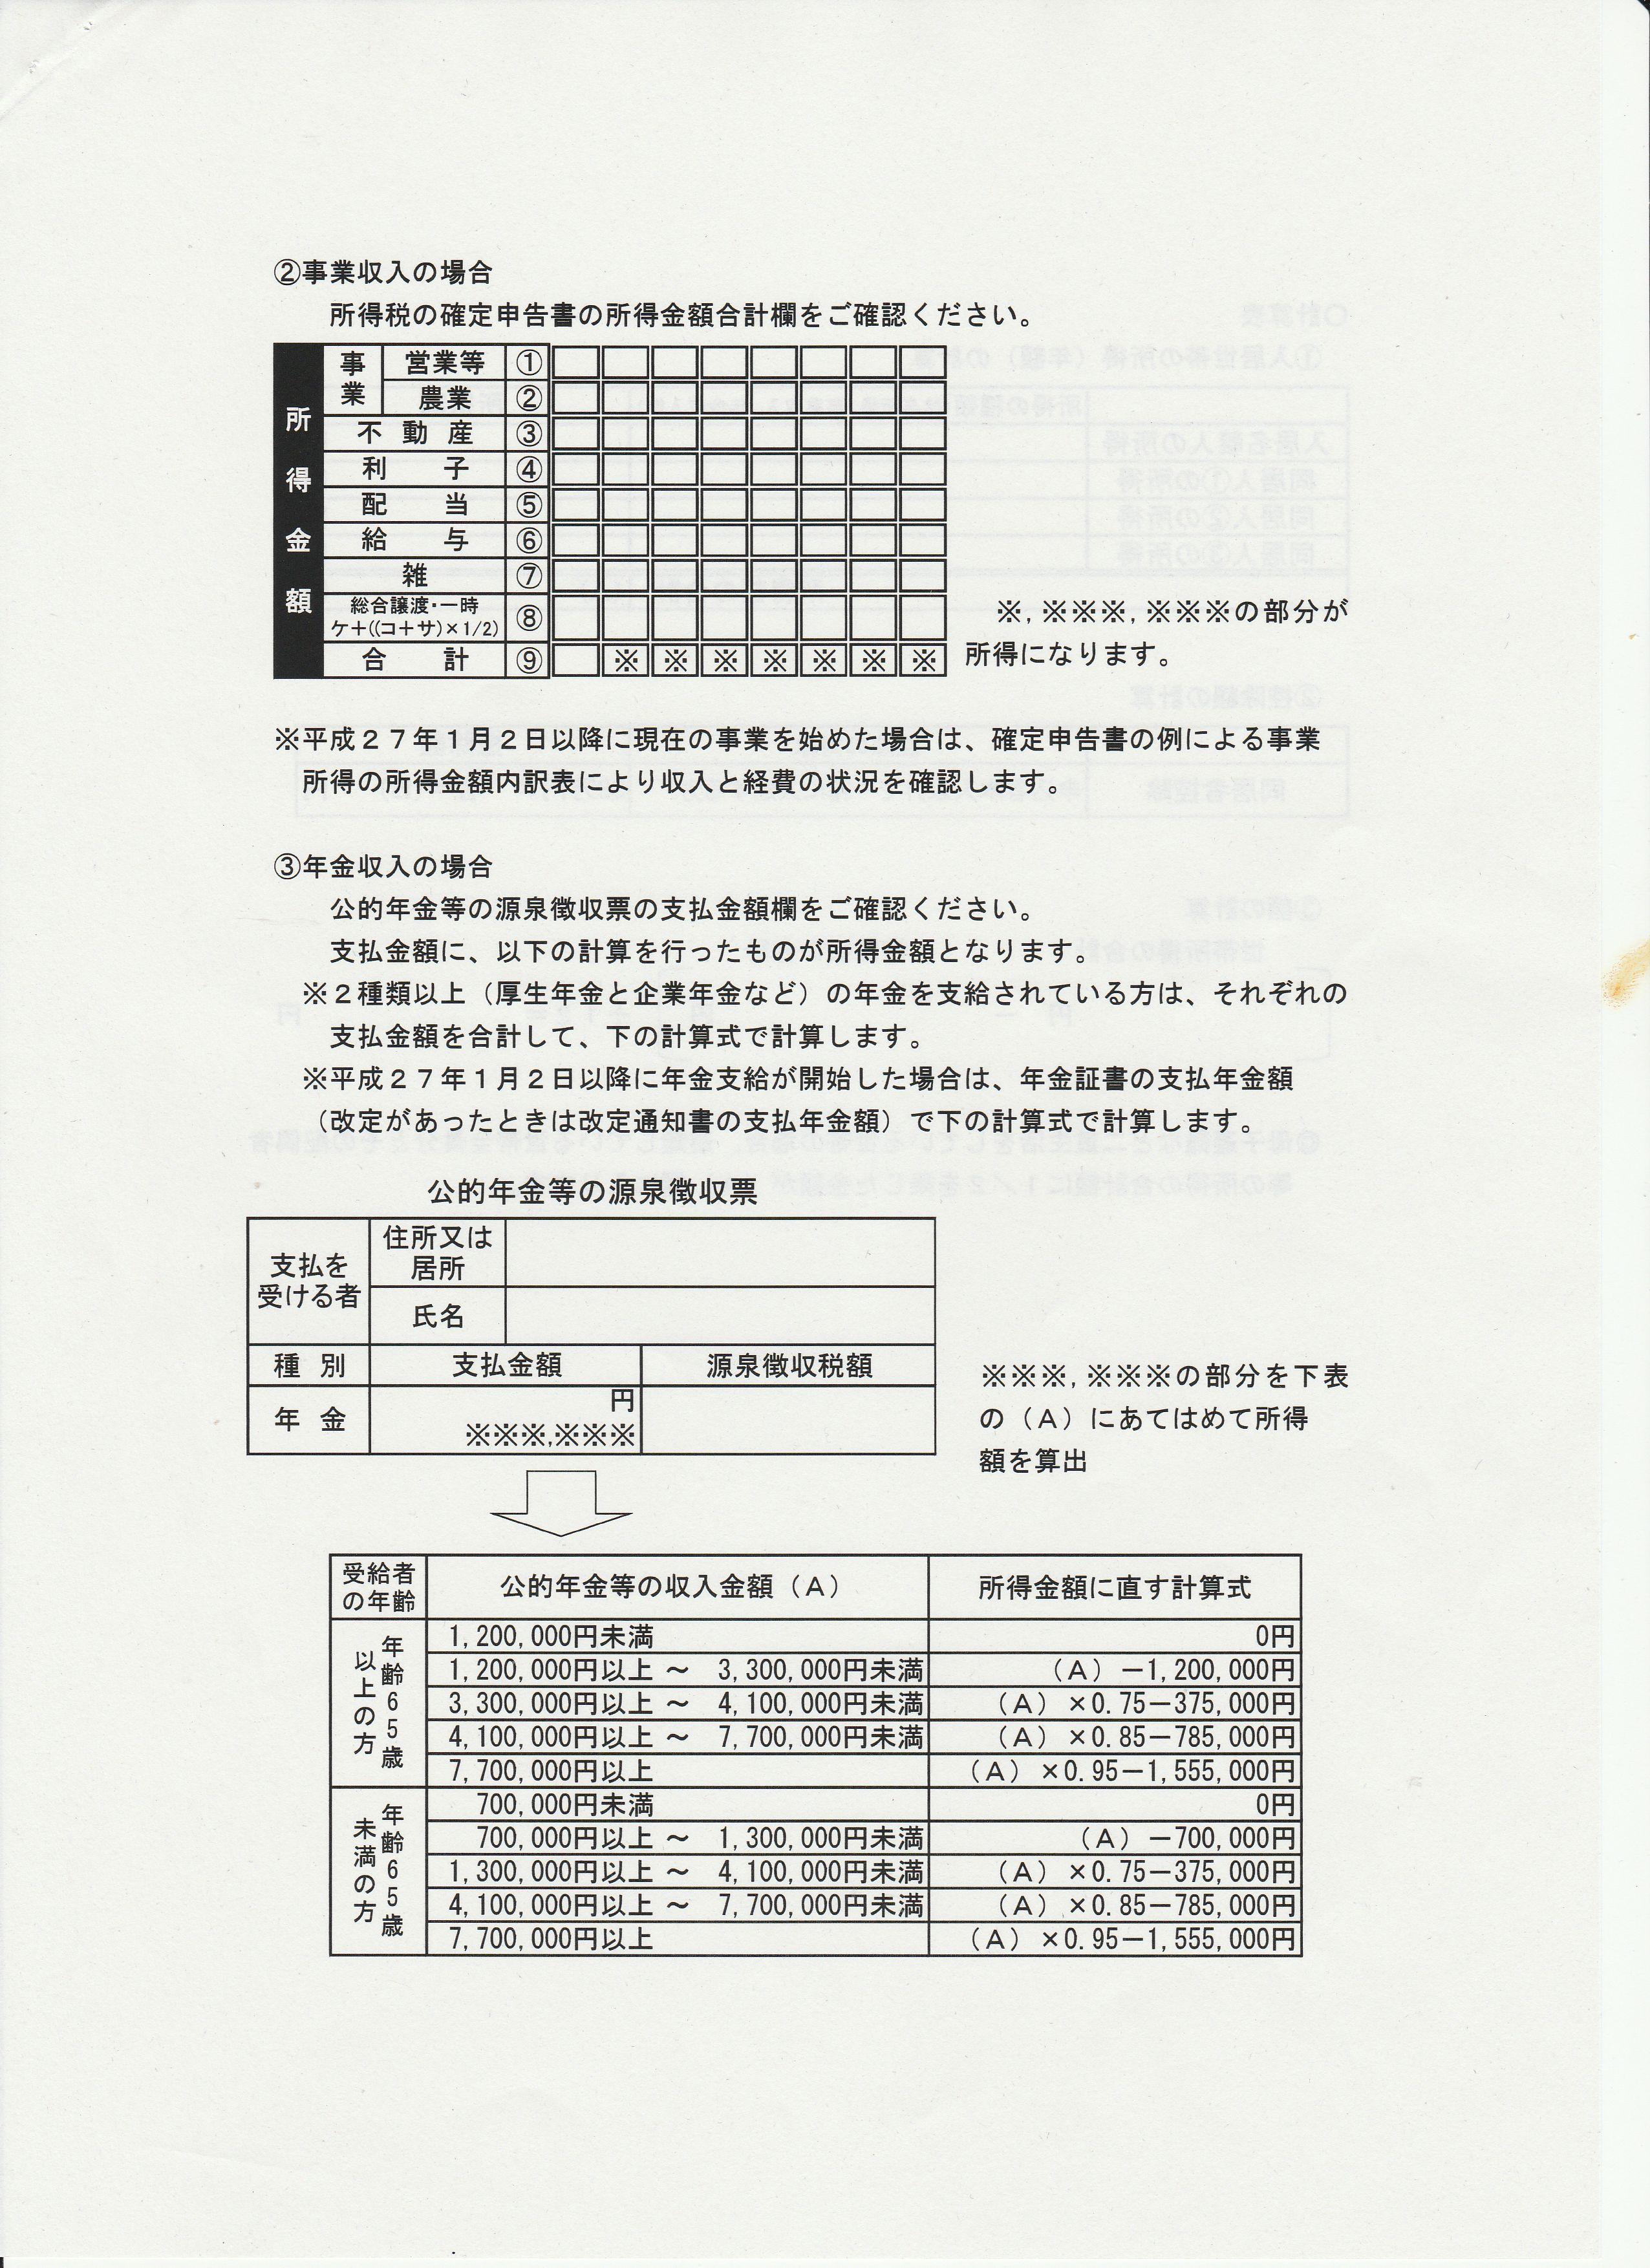 20160131福島県説明会6